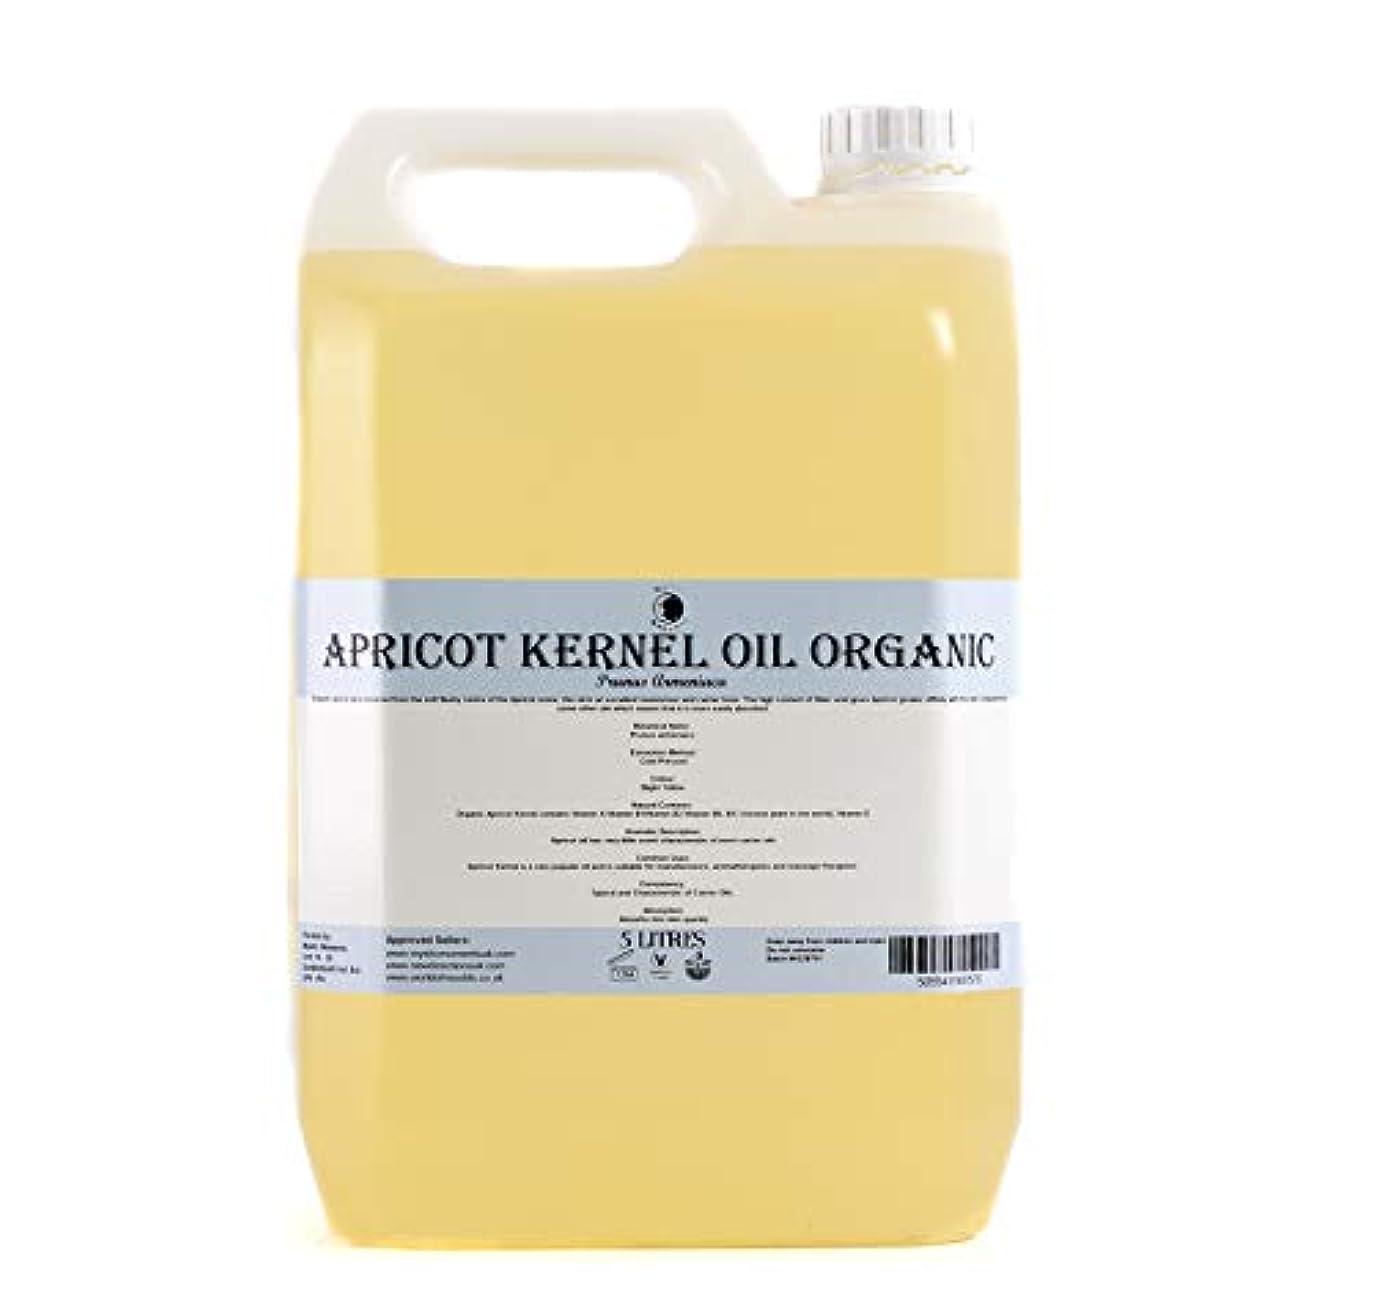 襟苦しめるMystic Moments | Apricot Kernel Organic Carrier Oil - 5 Litres - 100% Pure